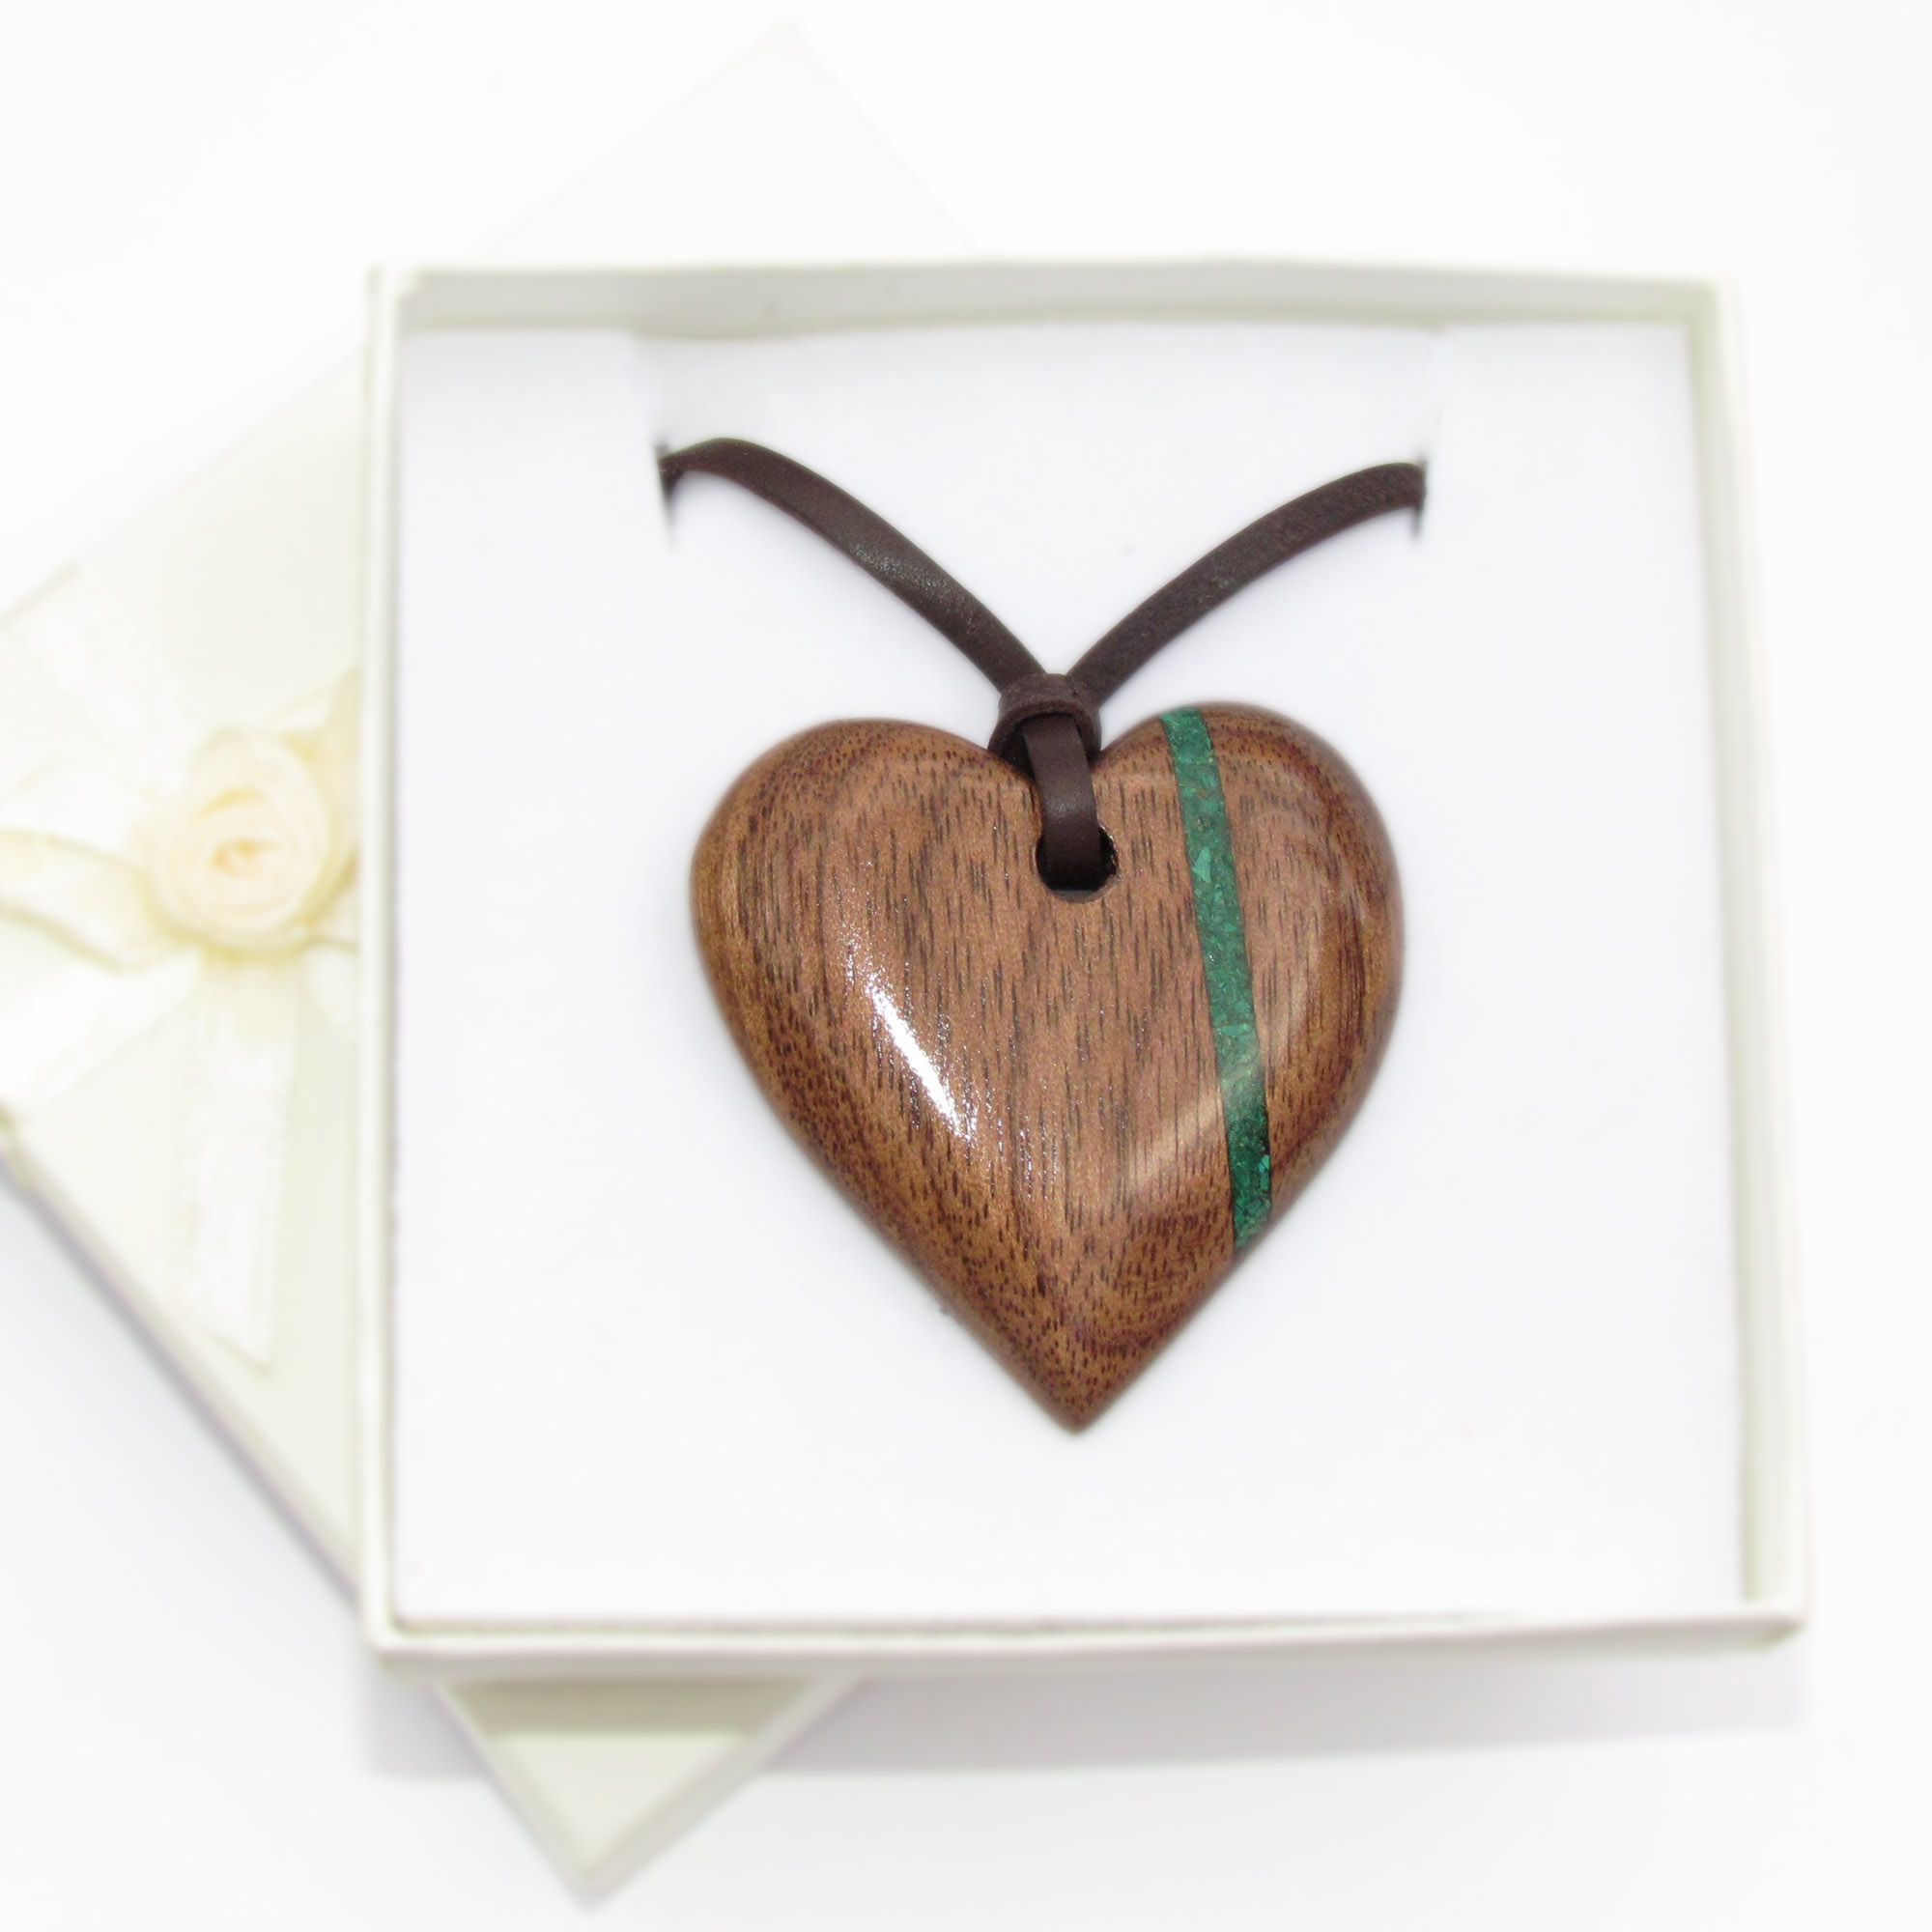 Walnut and malachite pendant